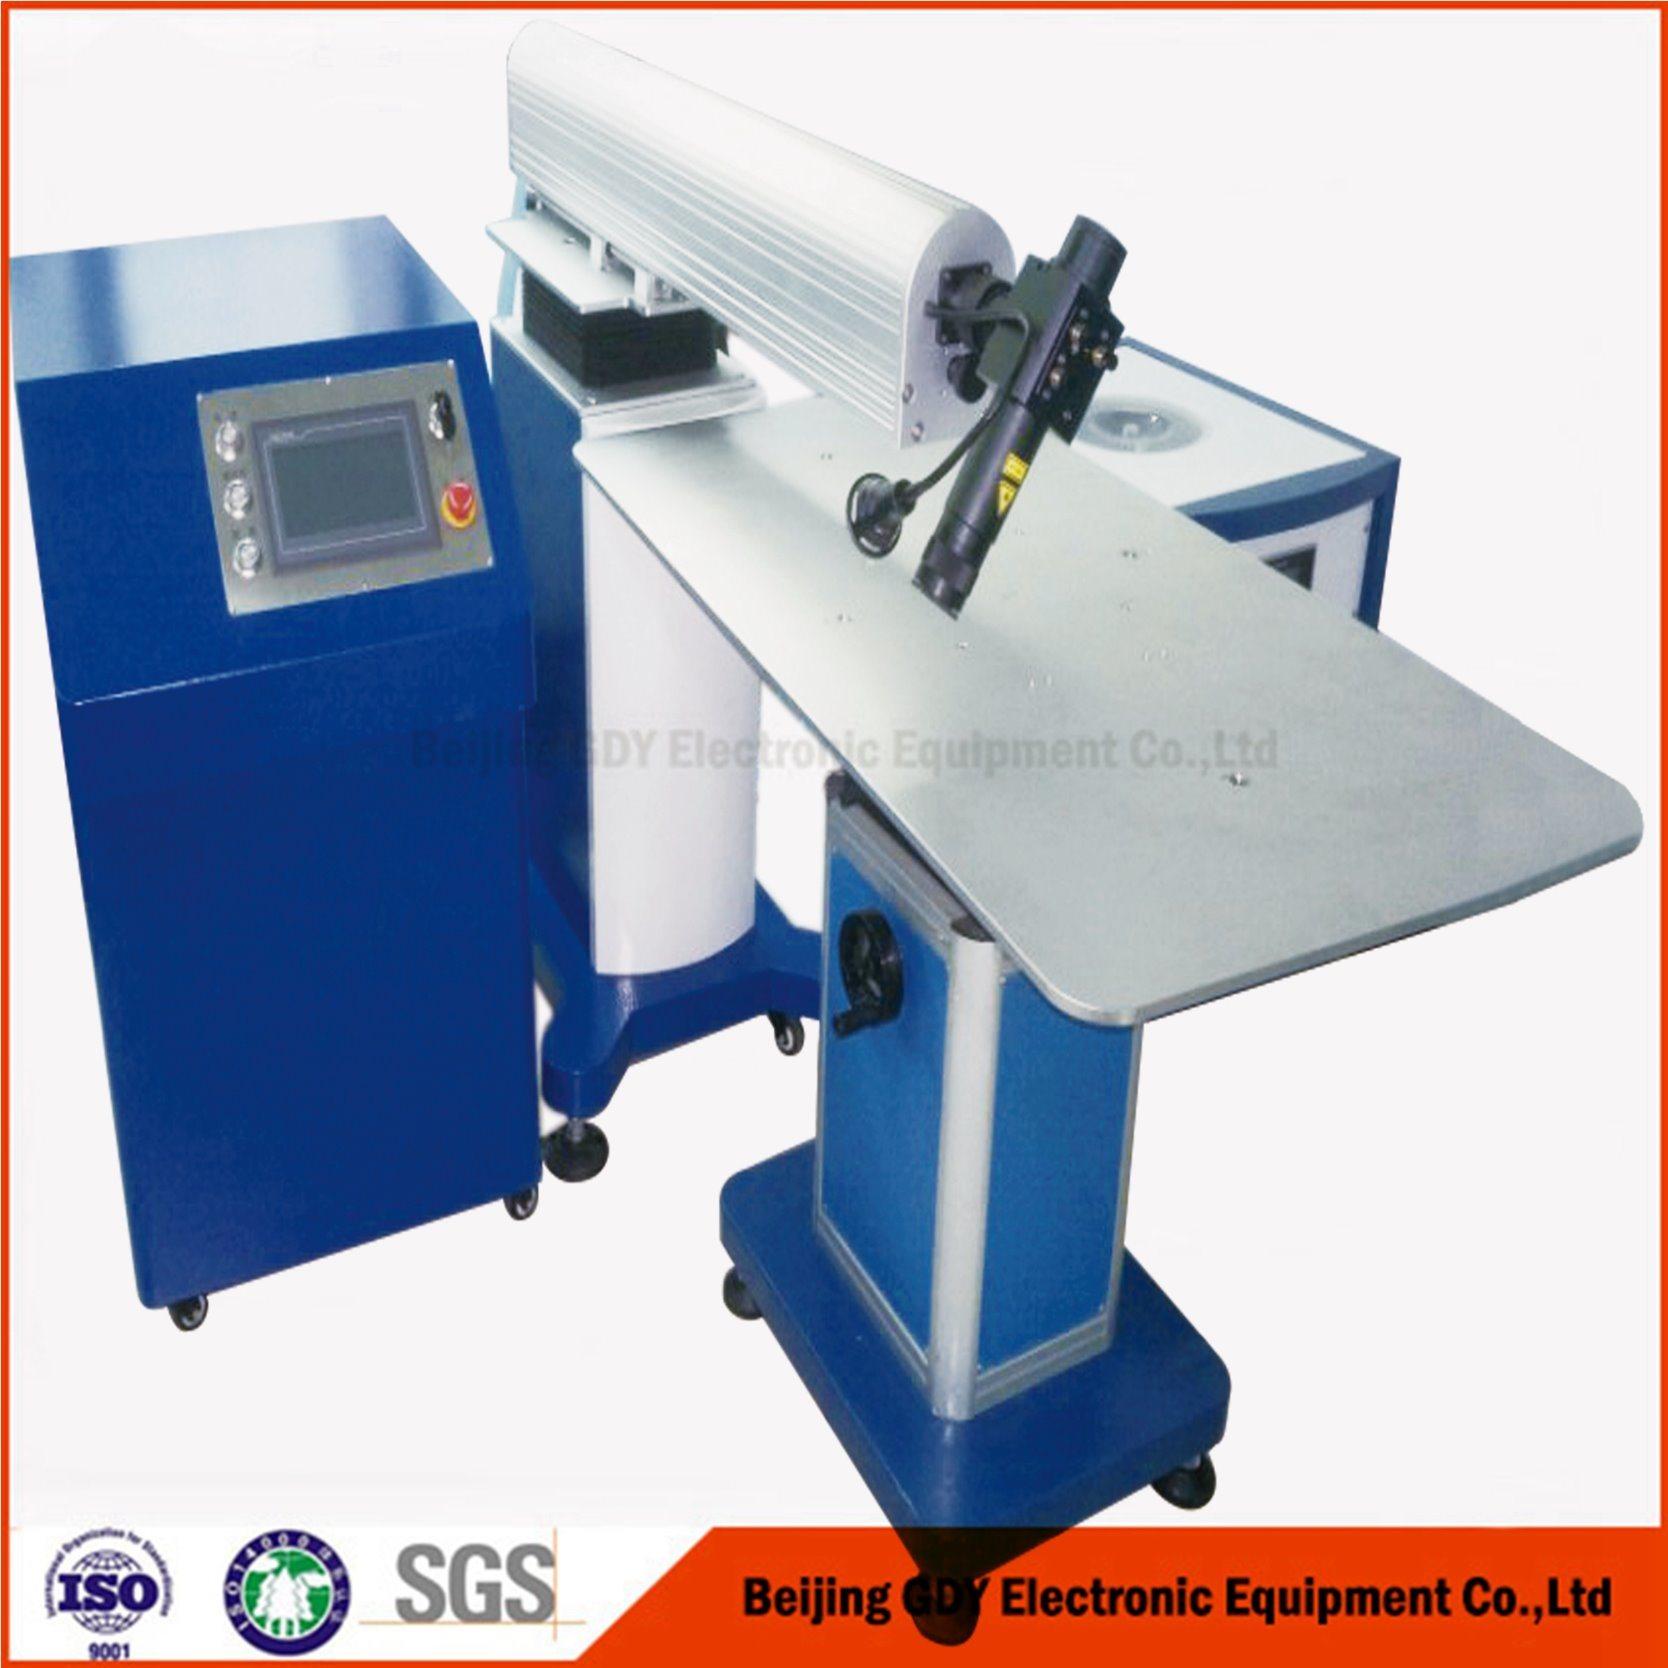 200W 300W 400W 500W General Laser Welding Machine with Factory Price